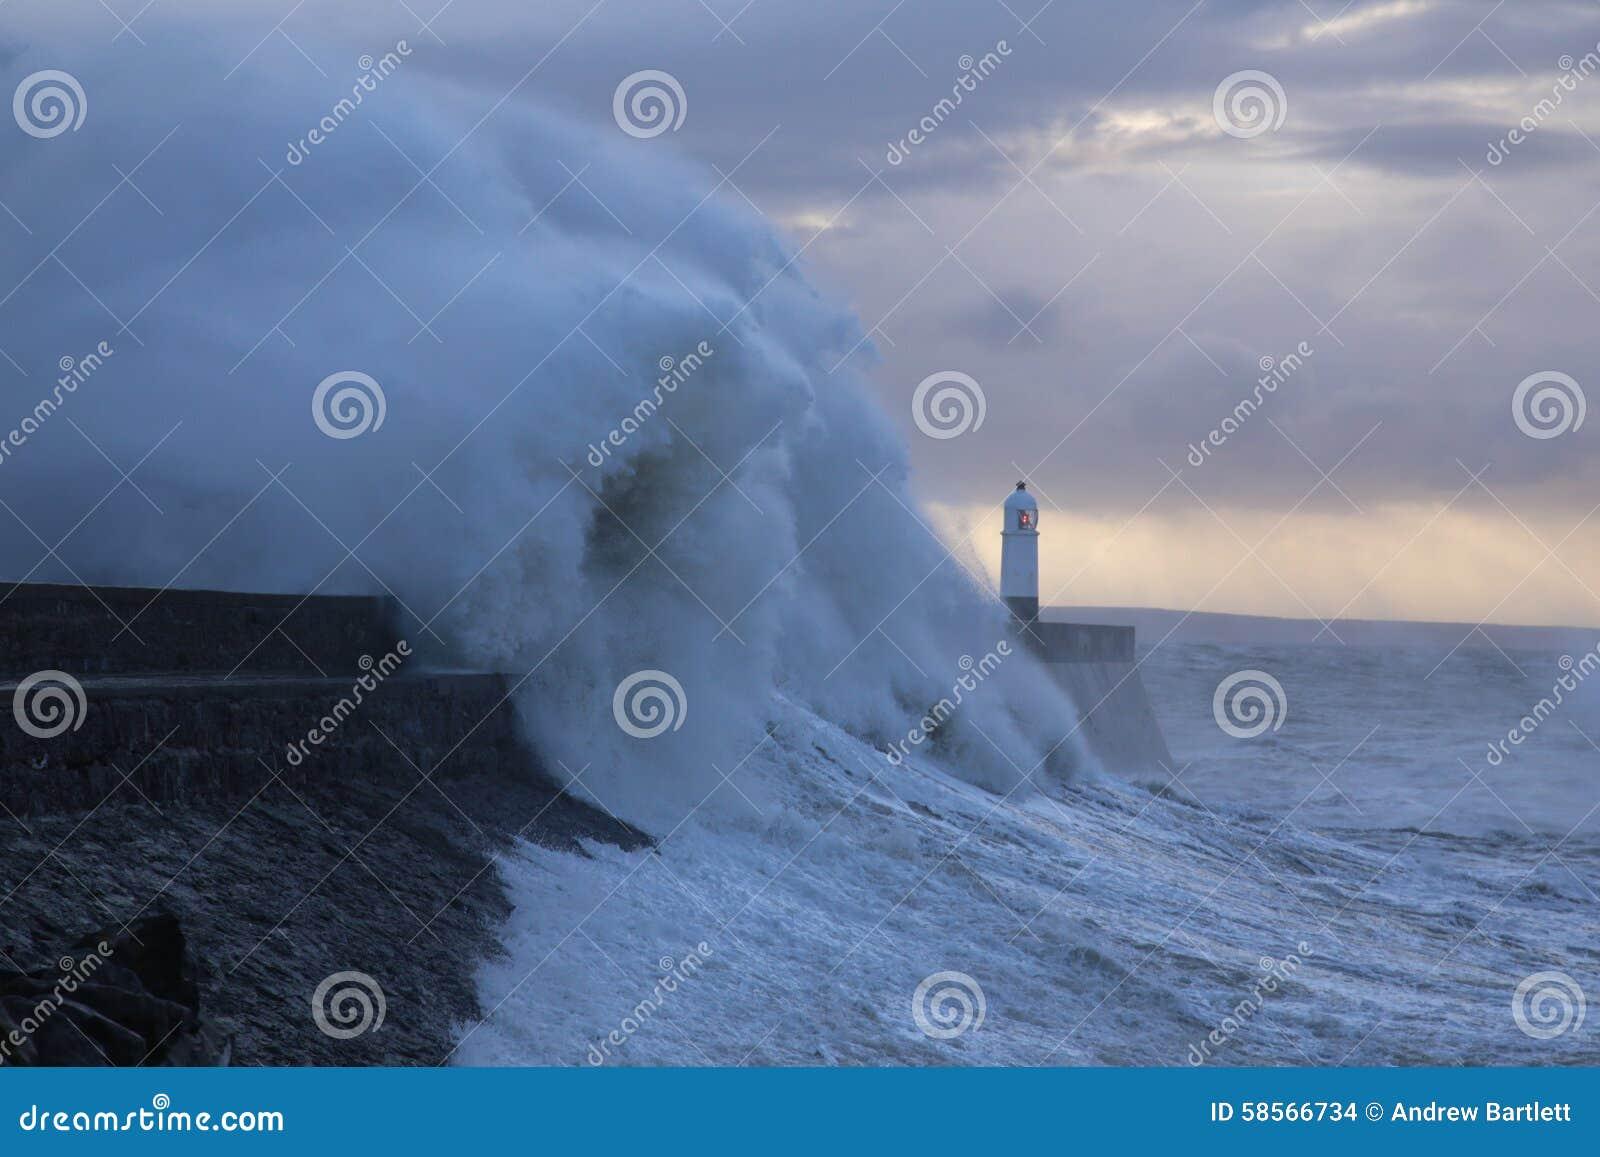 Clima tempestuoso en el faro de Porthcawl, el Sur de Gales, Reino Unido